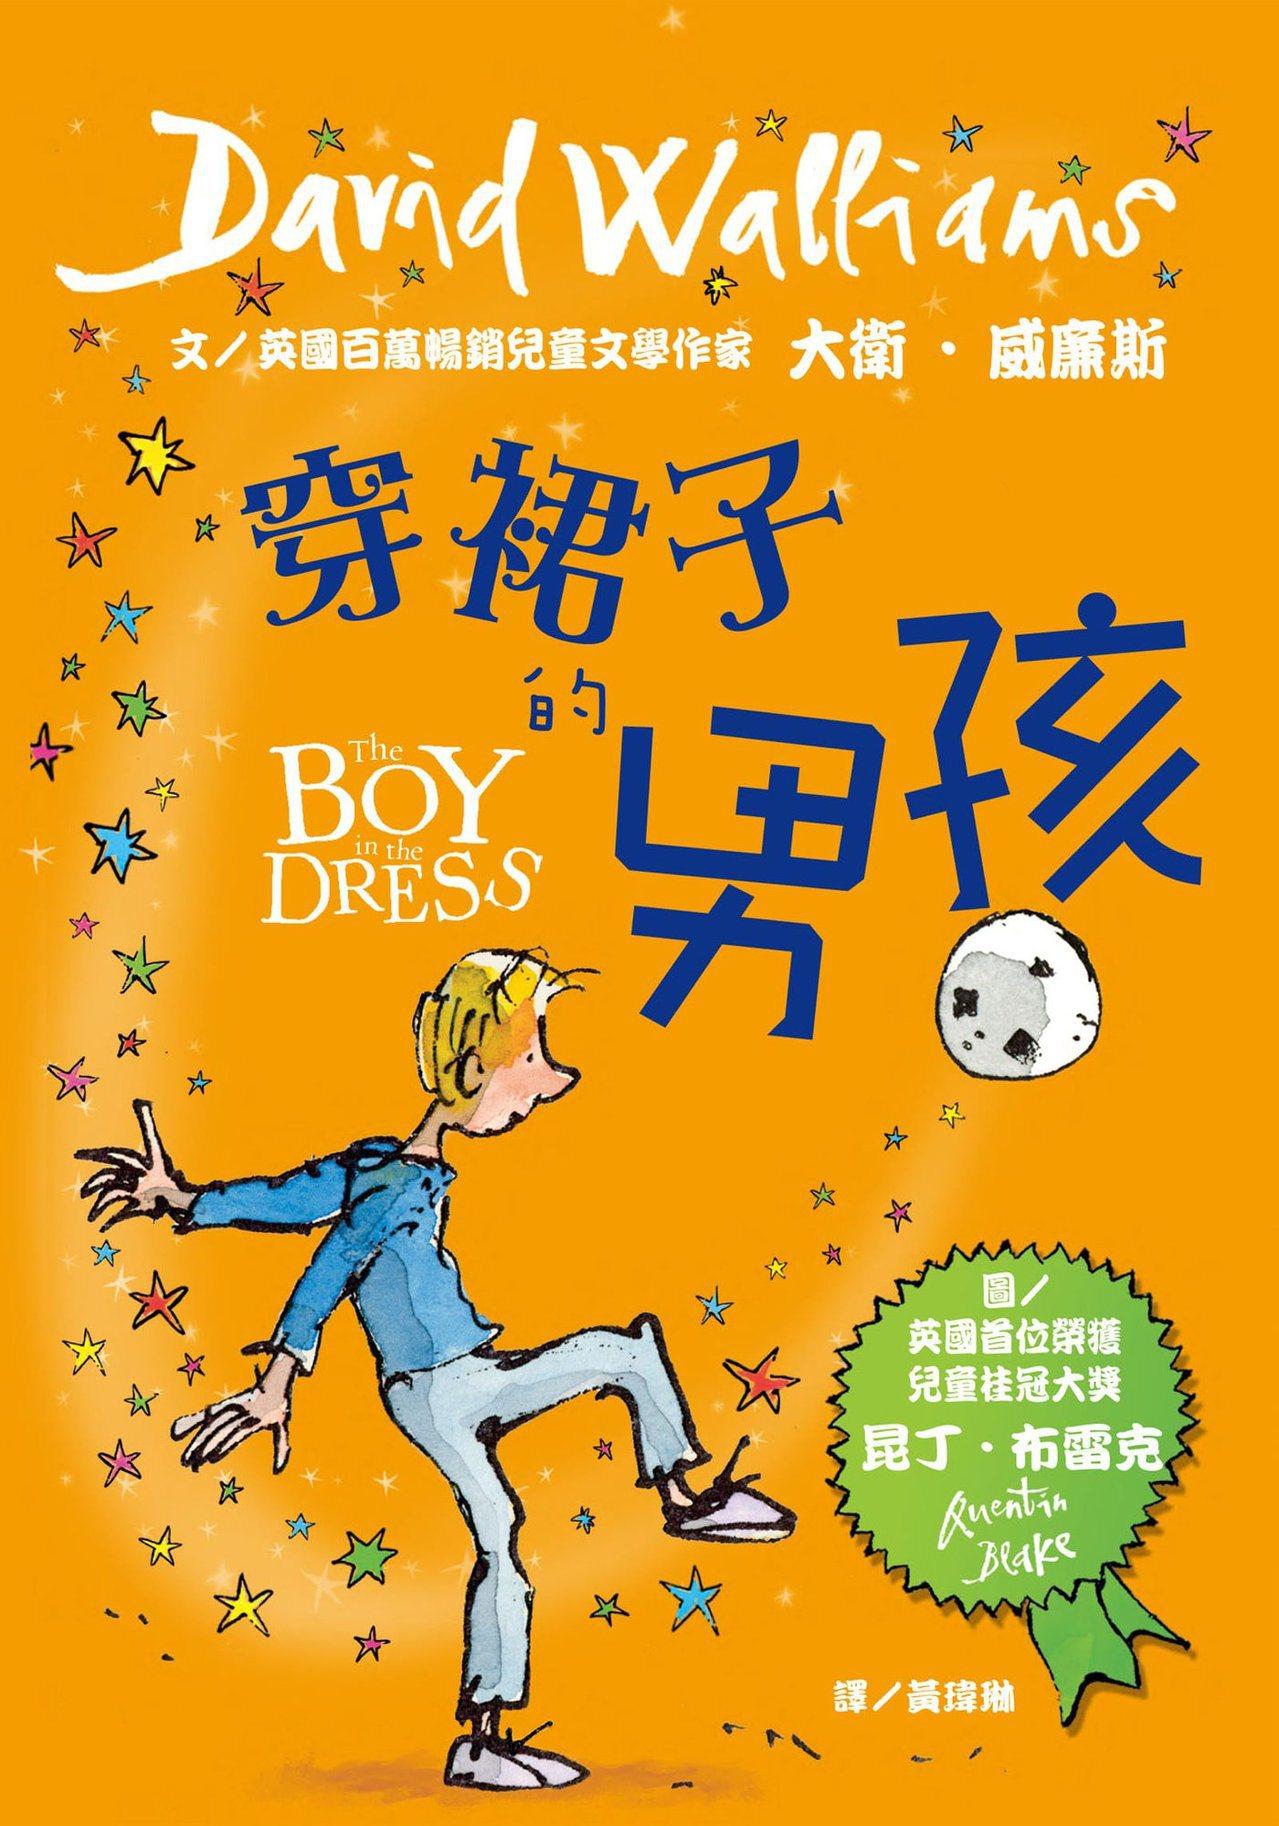 台北市龍安國小因某位家長認為《穿裙子的男孩》一書有鼓勵孩子變裝之嫌,要求將書從圖...